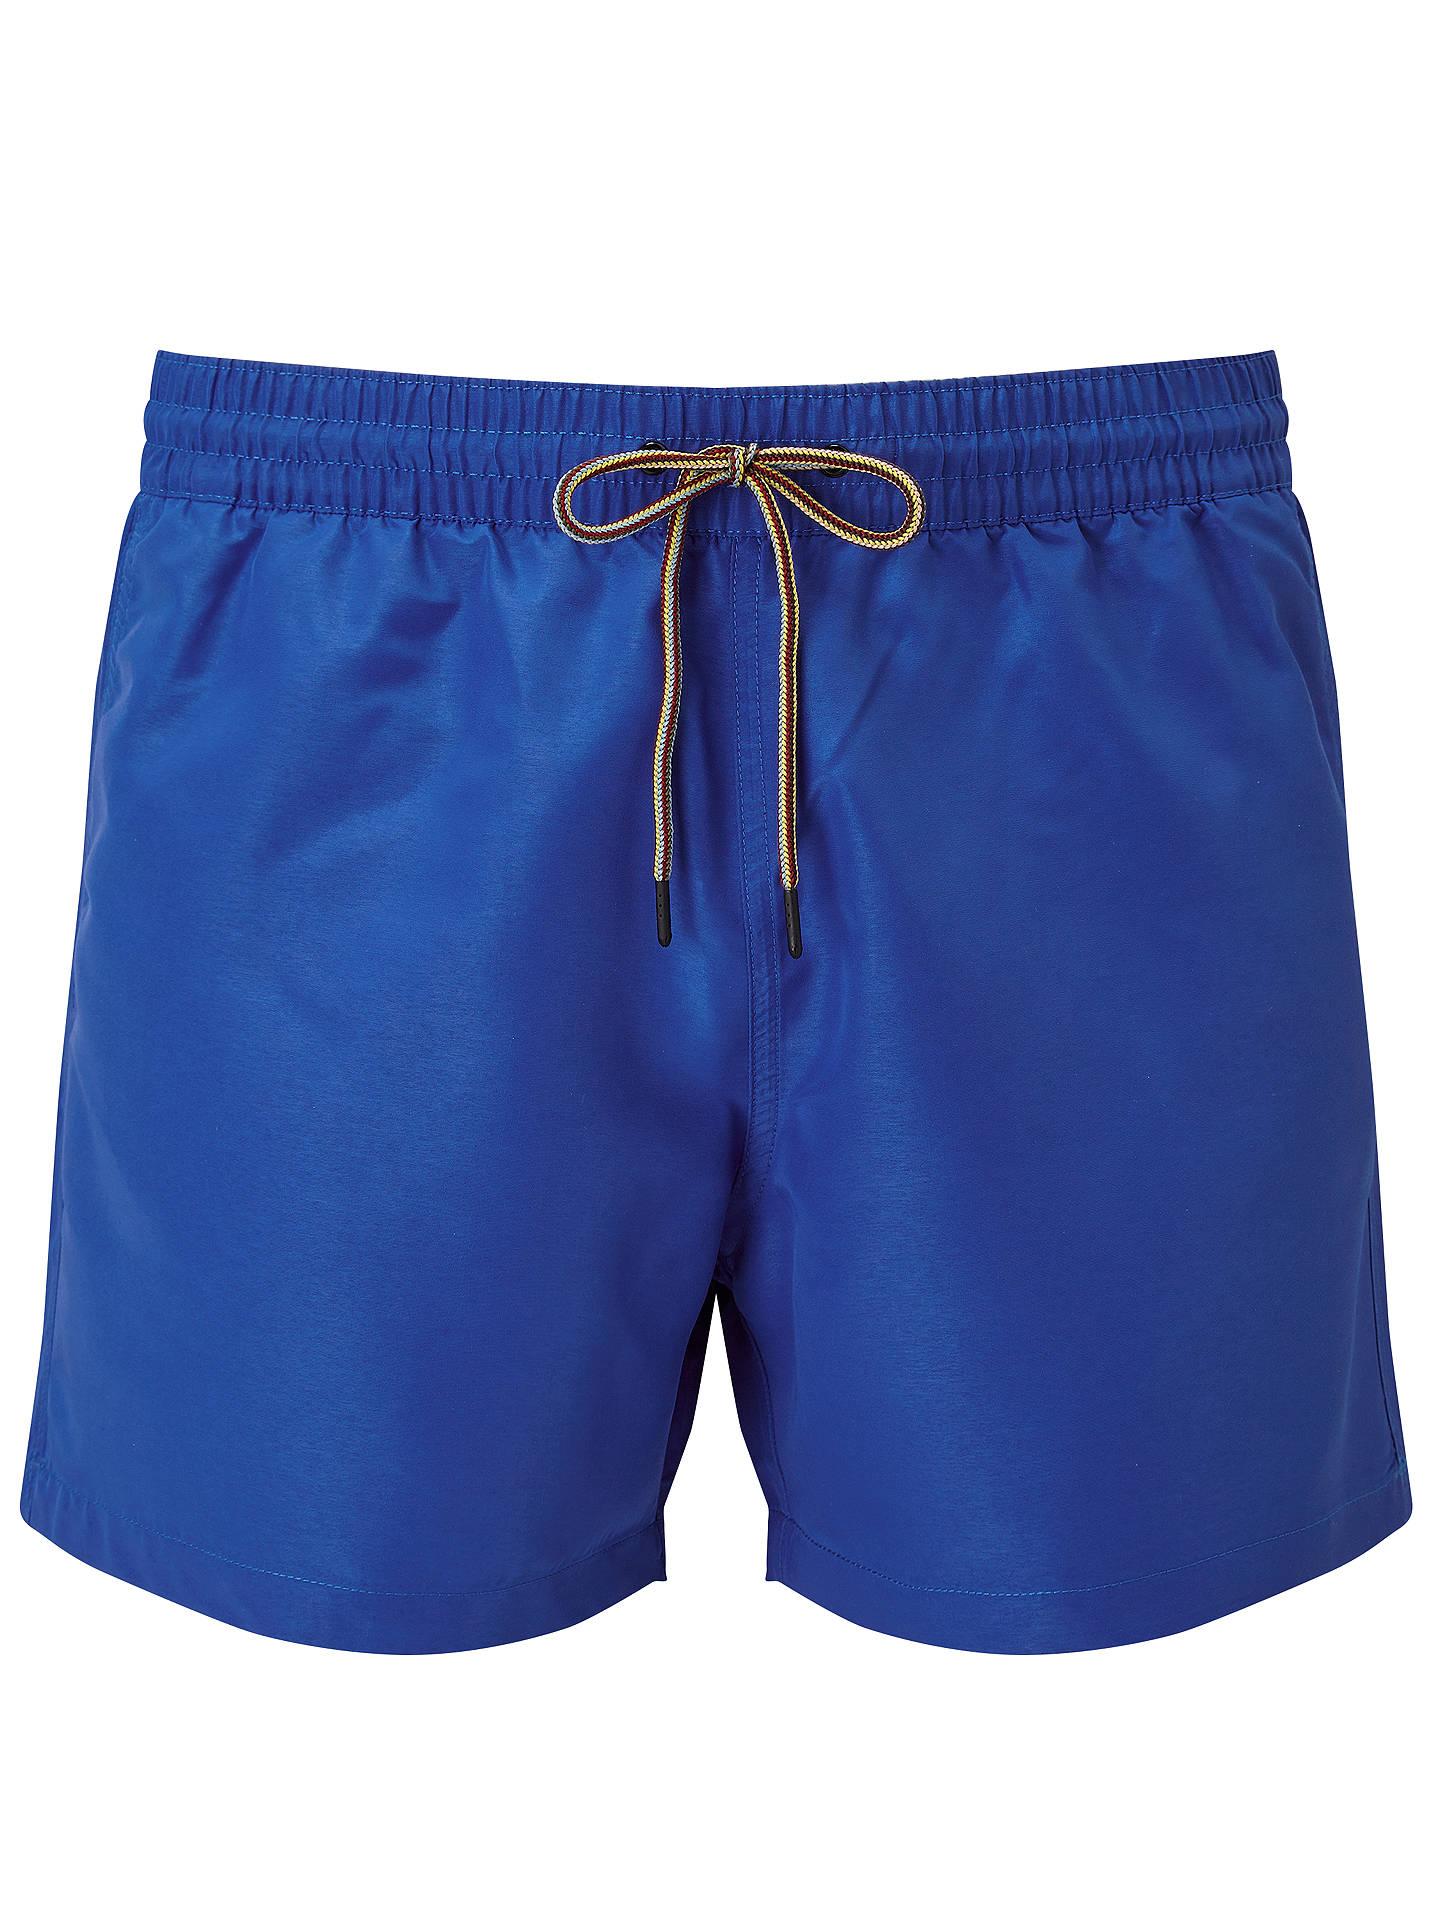 1d76ce275d Buy Paul Smith Classic Swim Shorts, Blue, S Online at johnlewis.com ...